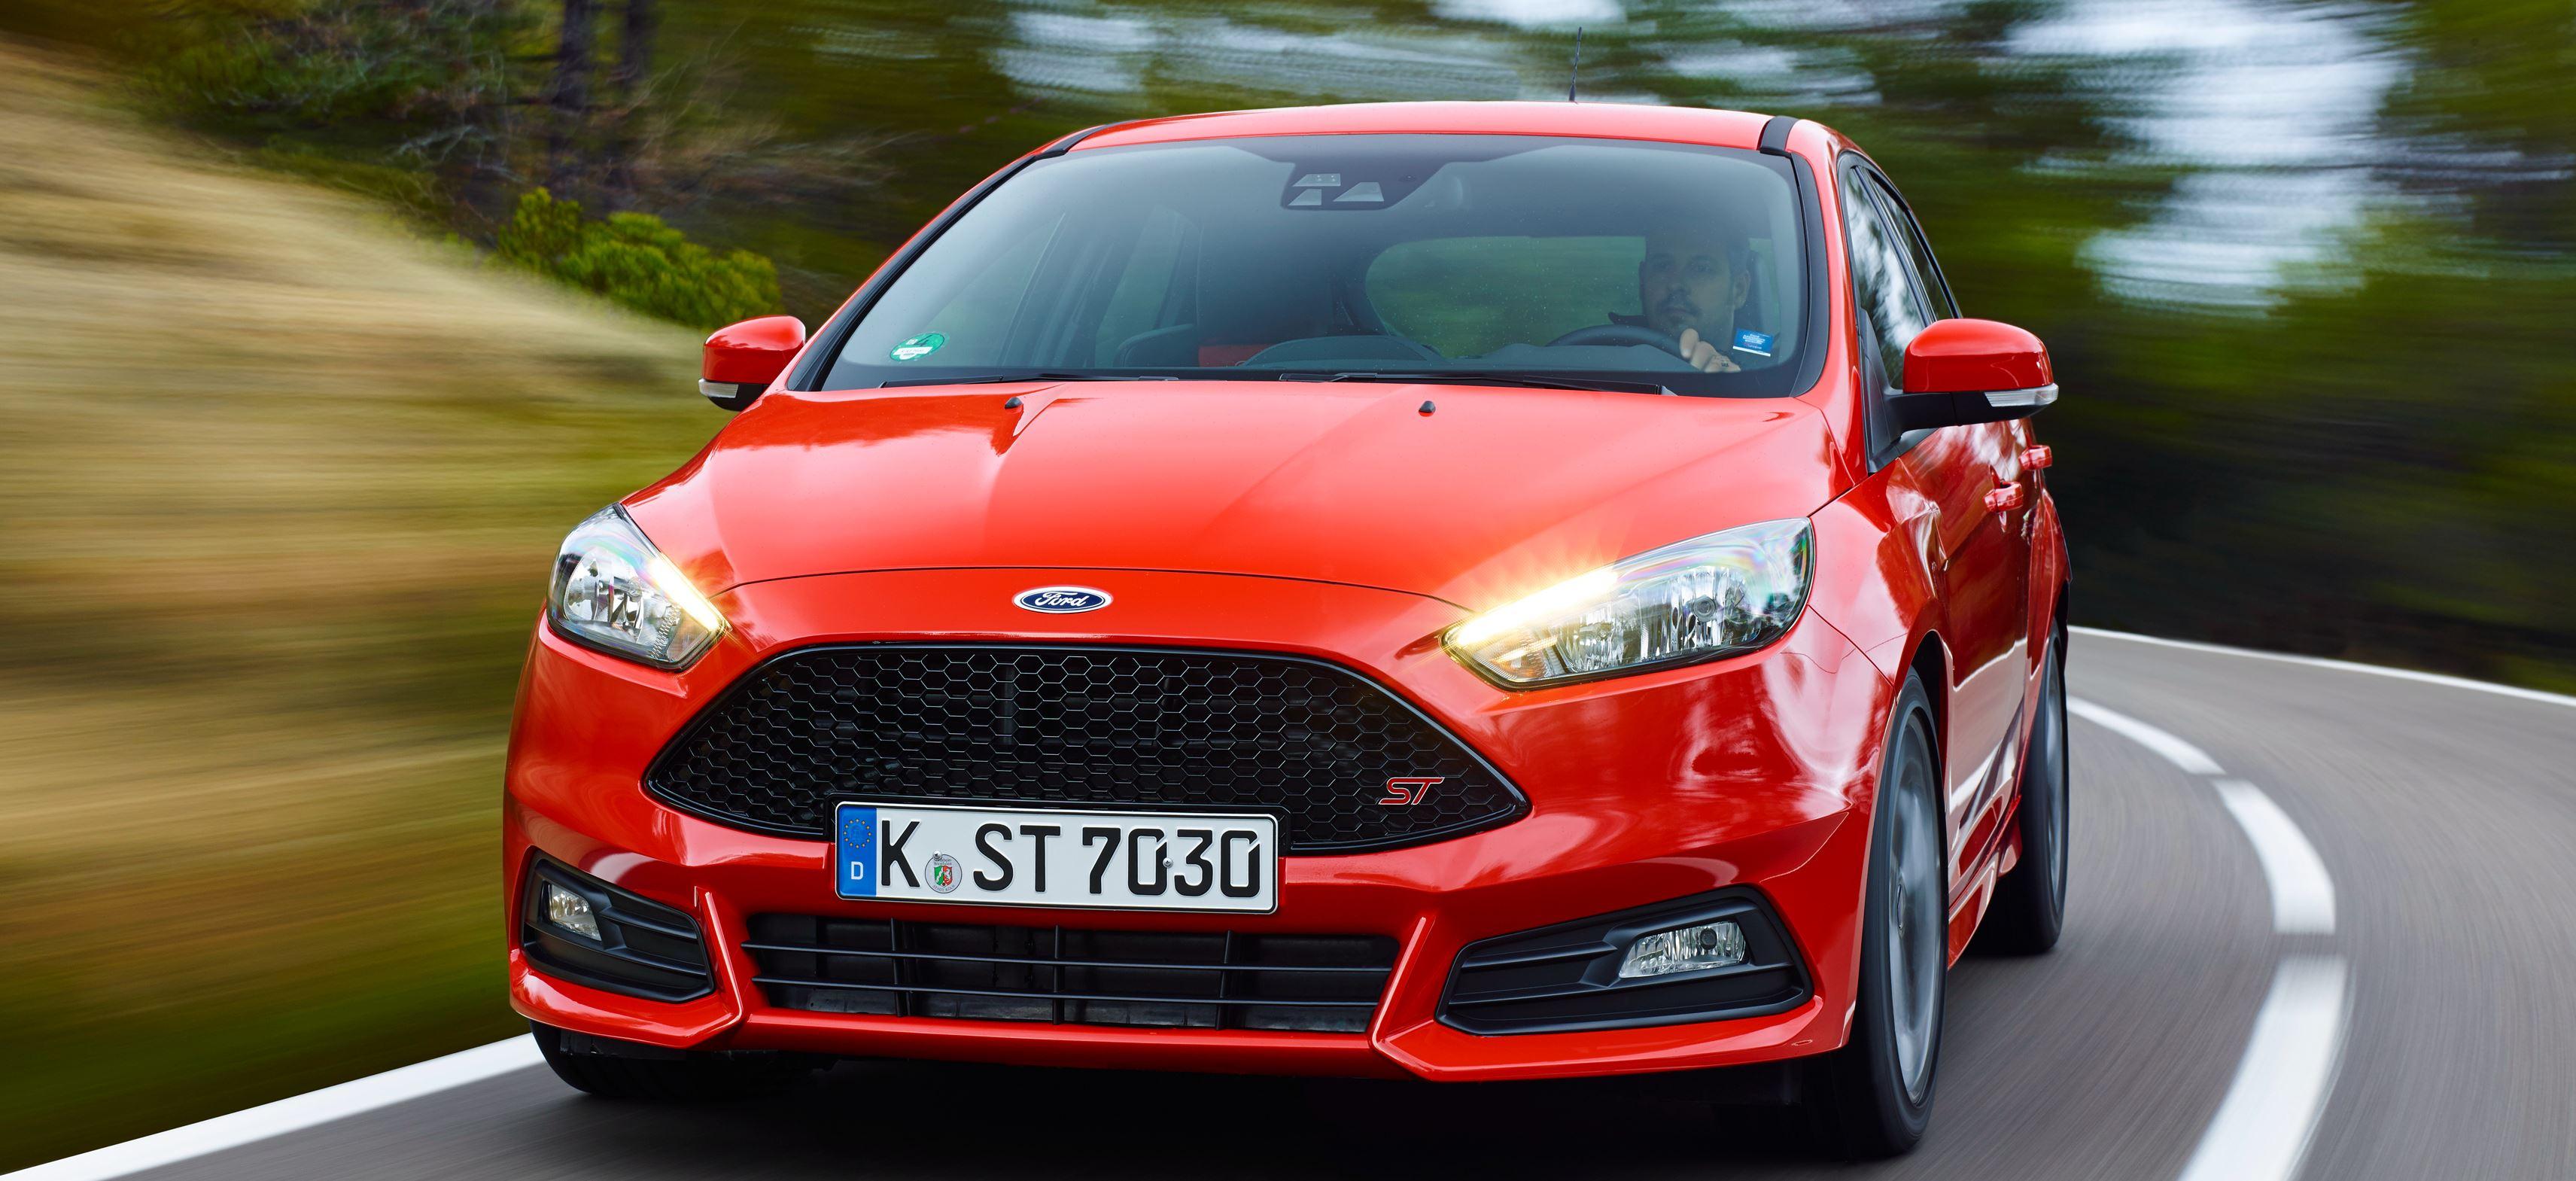 Bardzo dobryFantastyczny Nowy Ford Focus ST dostanie większy silnik. Przypominamy historię HT76